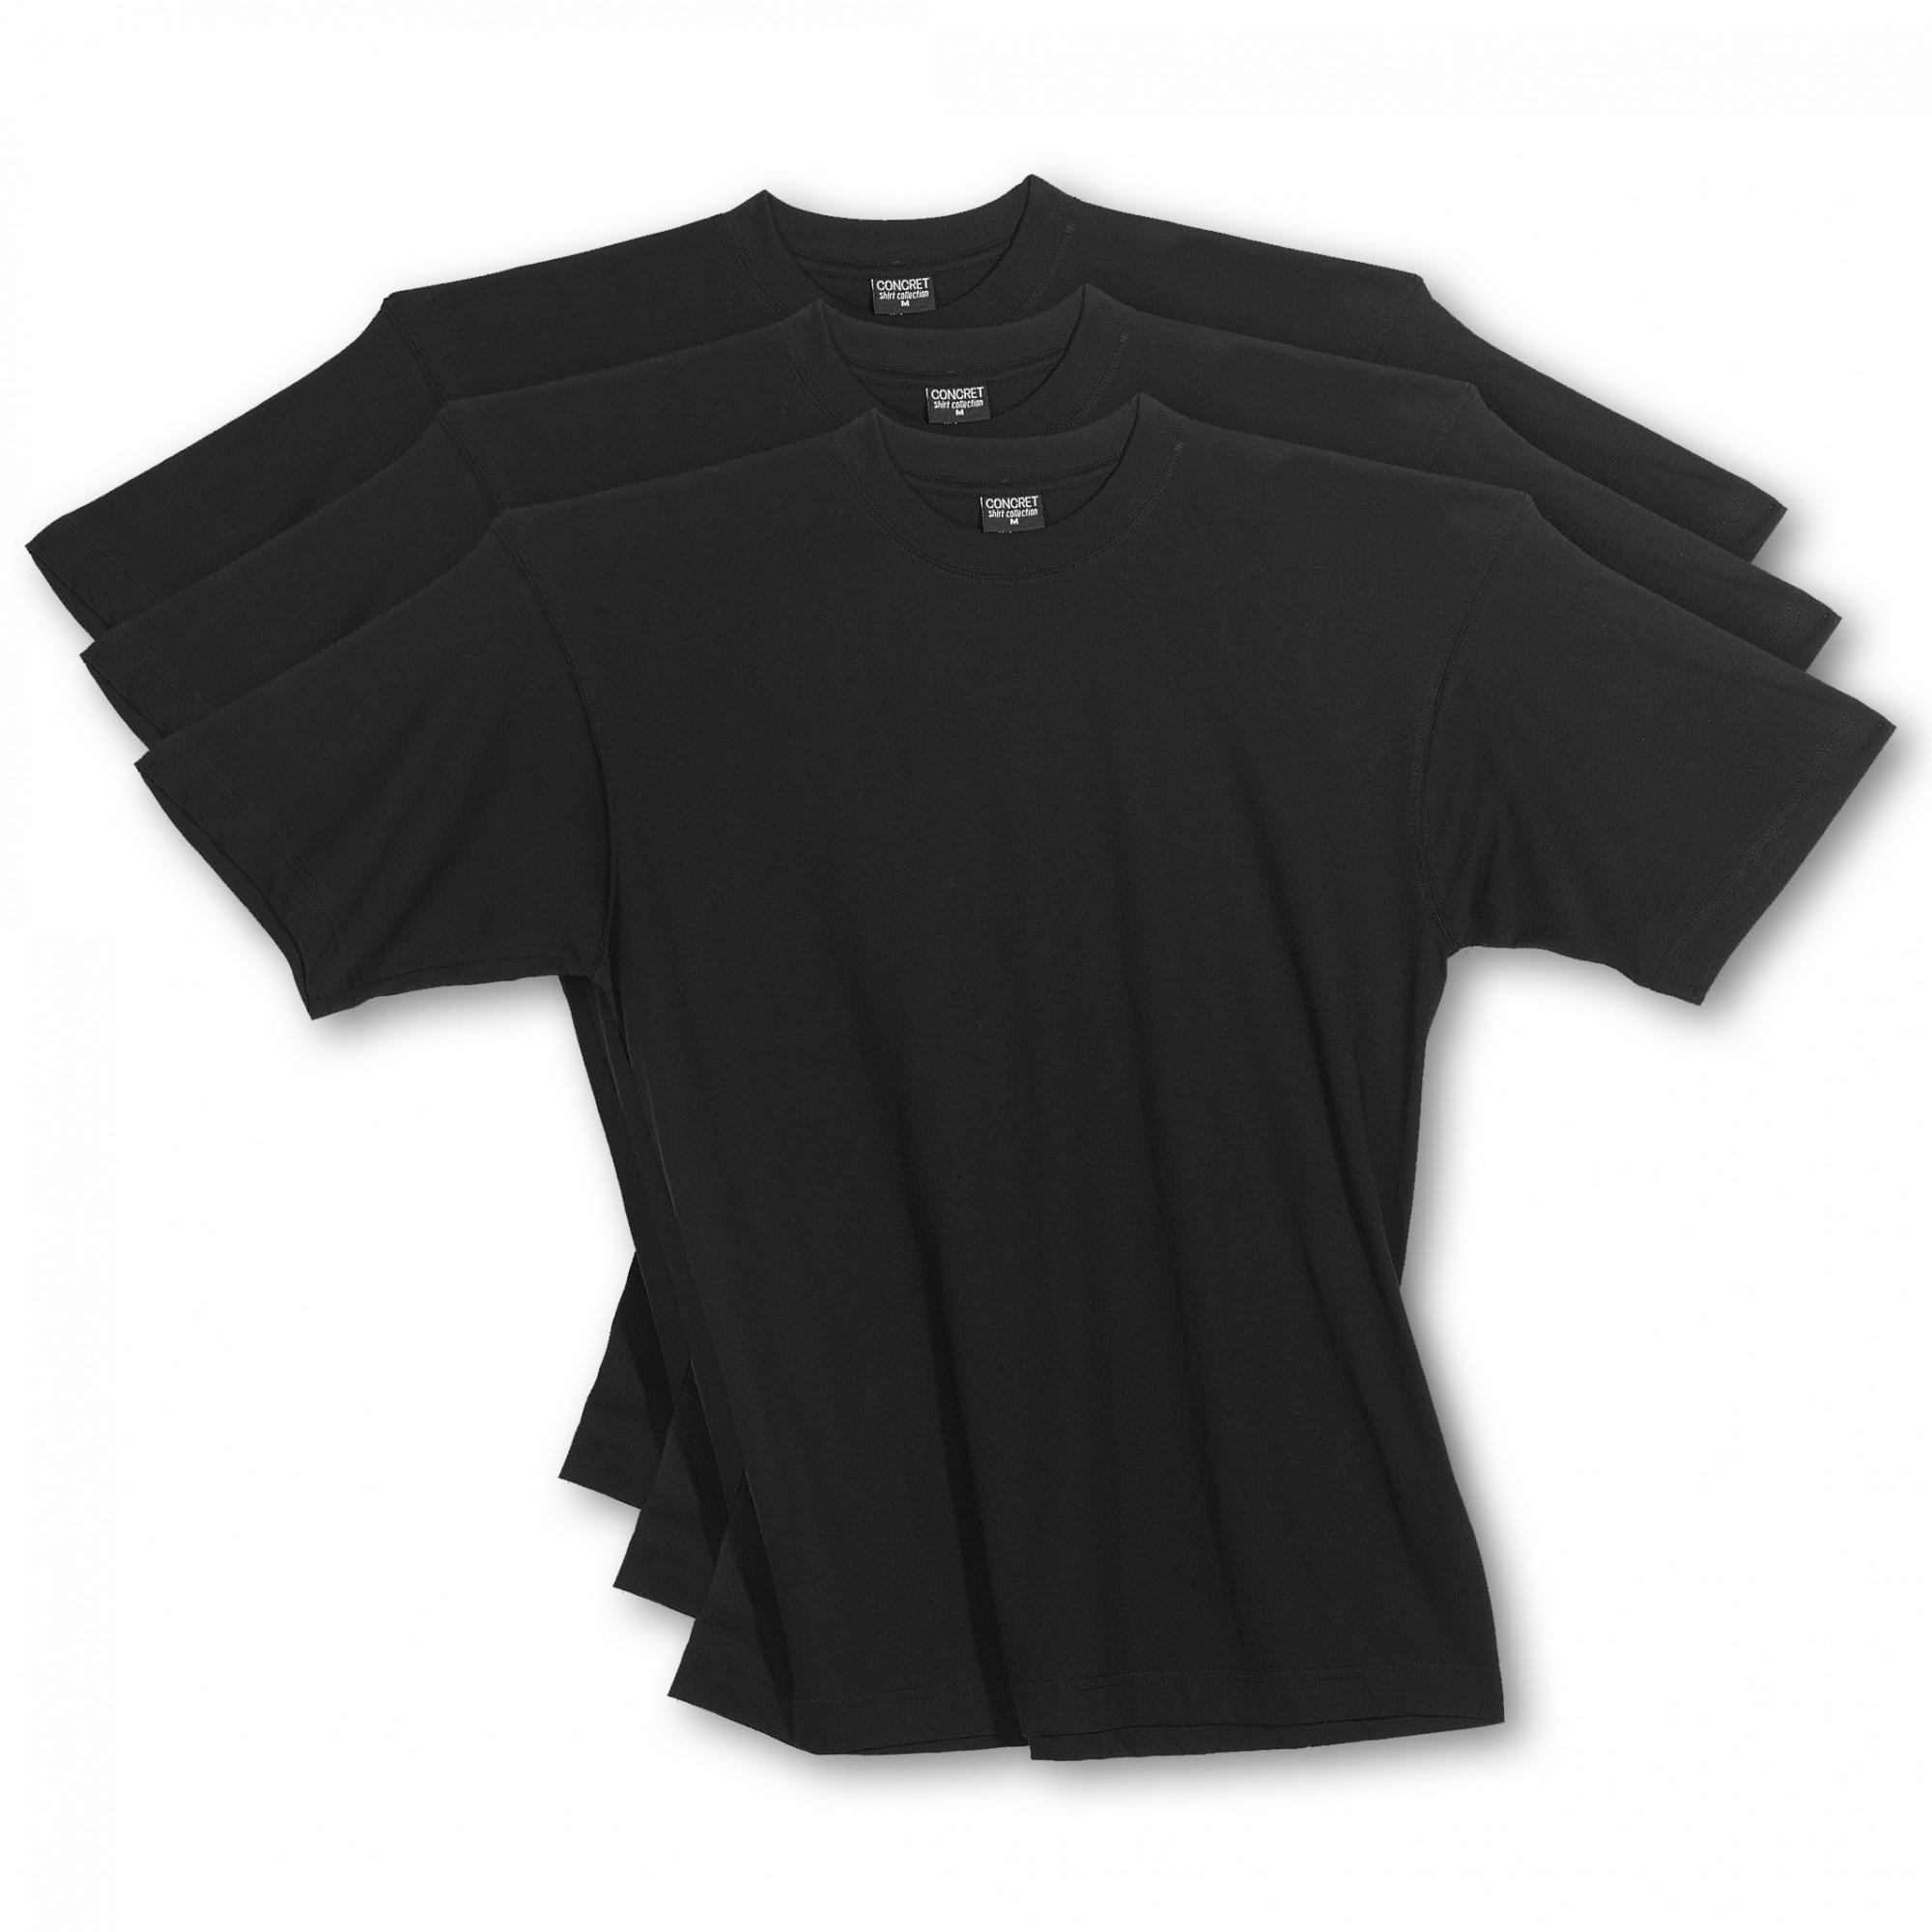 herren t shirts 3erpack schwarz rundhals auch in. Black Bedroom Furniture Sets. Home Design Ideas